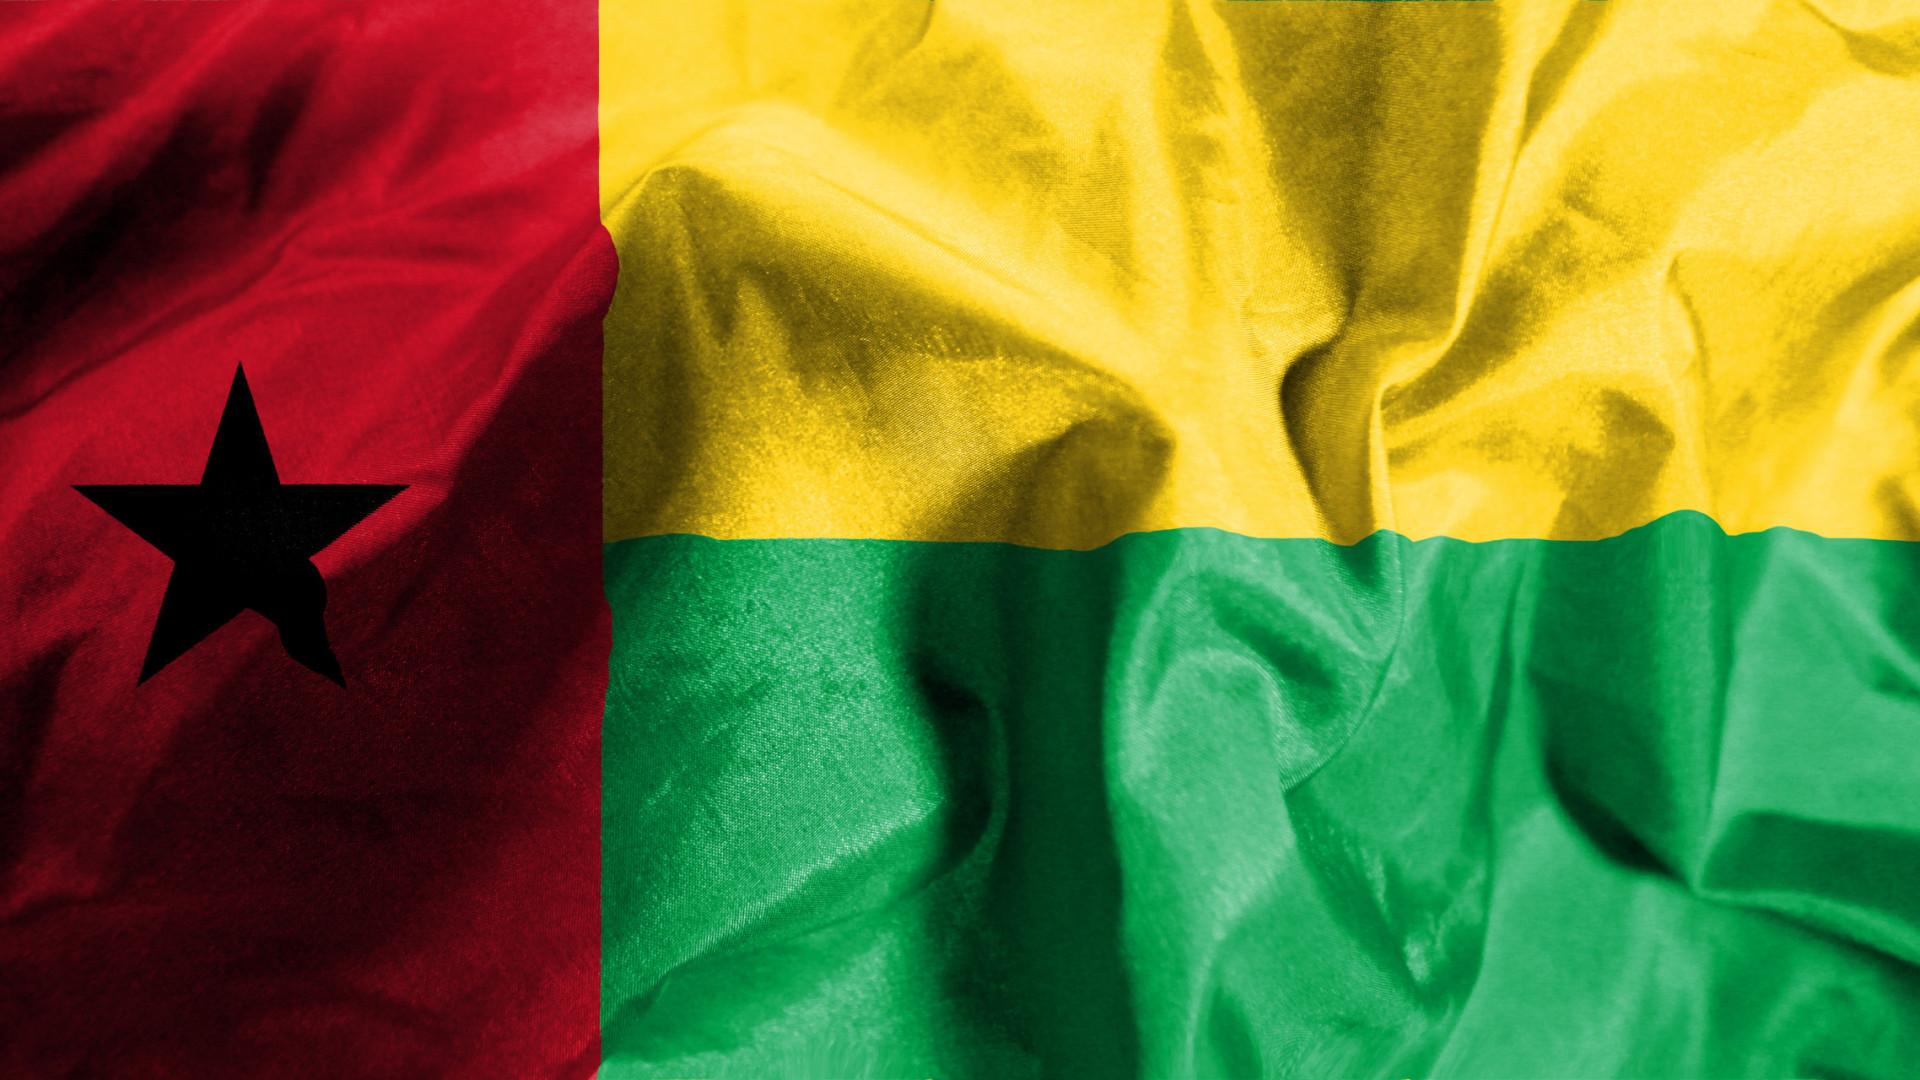 Polícia Judiciária da Guiné-Bissau detém 'Manecas' dos Santos